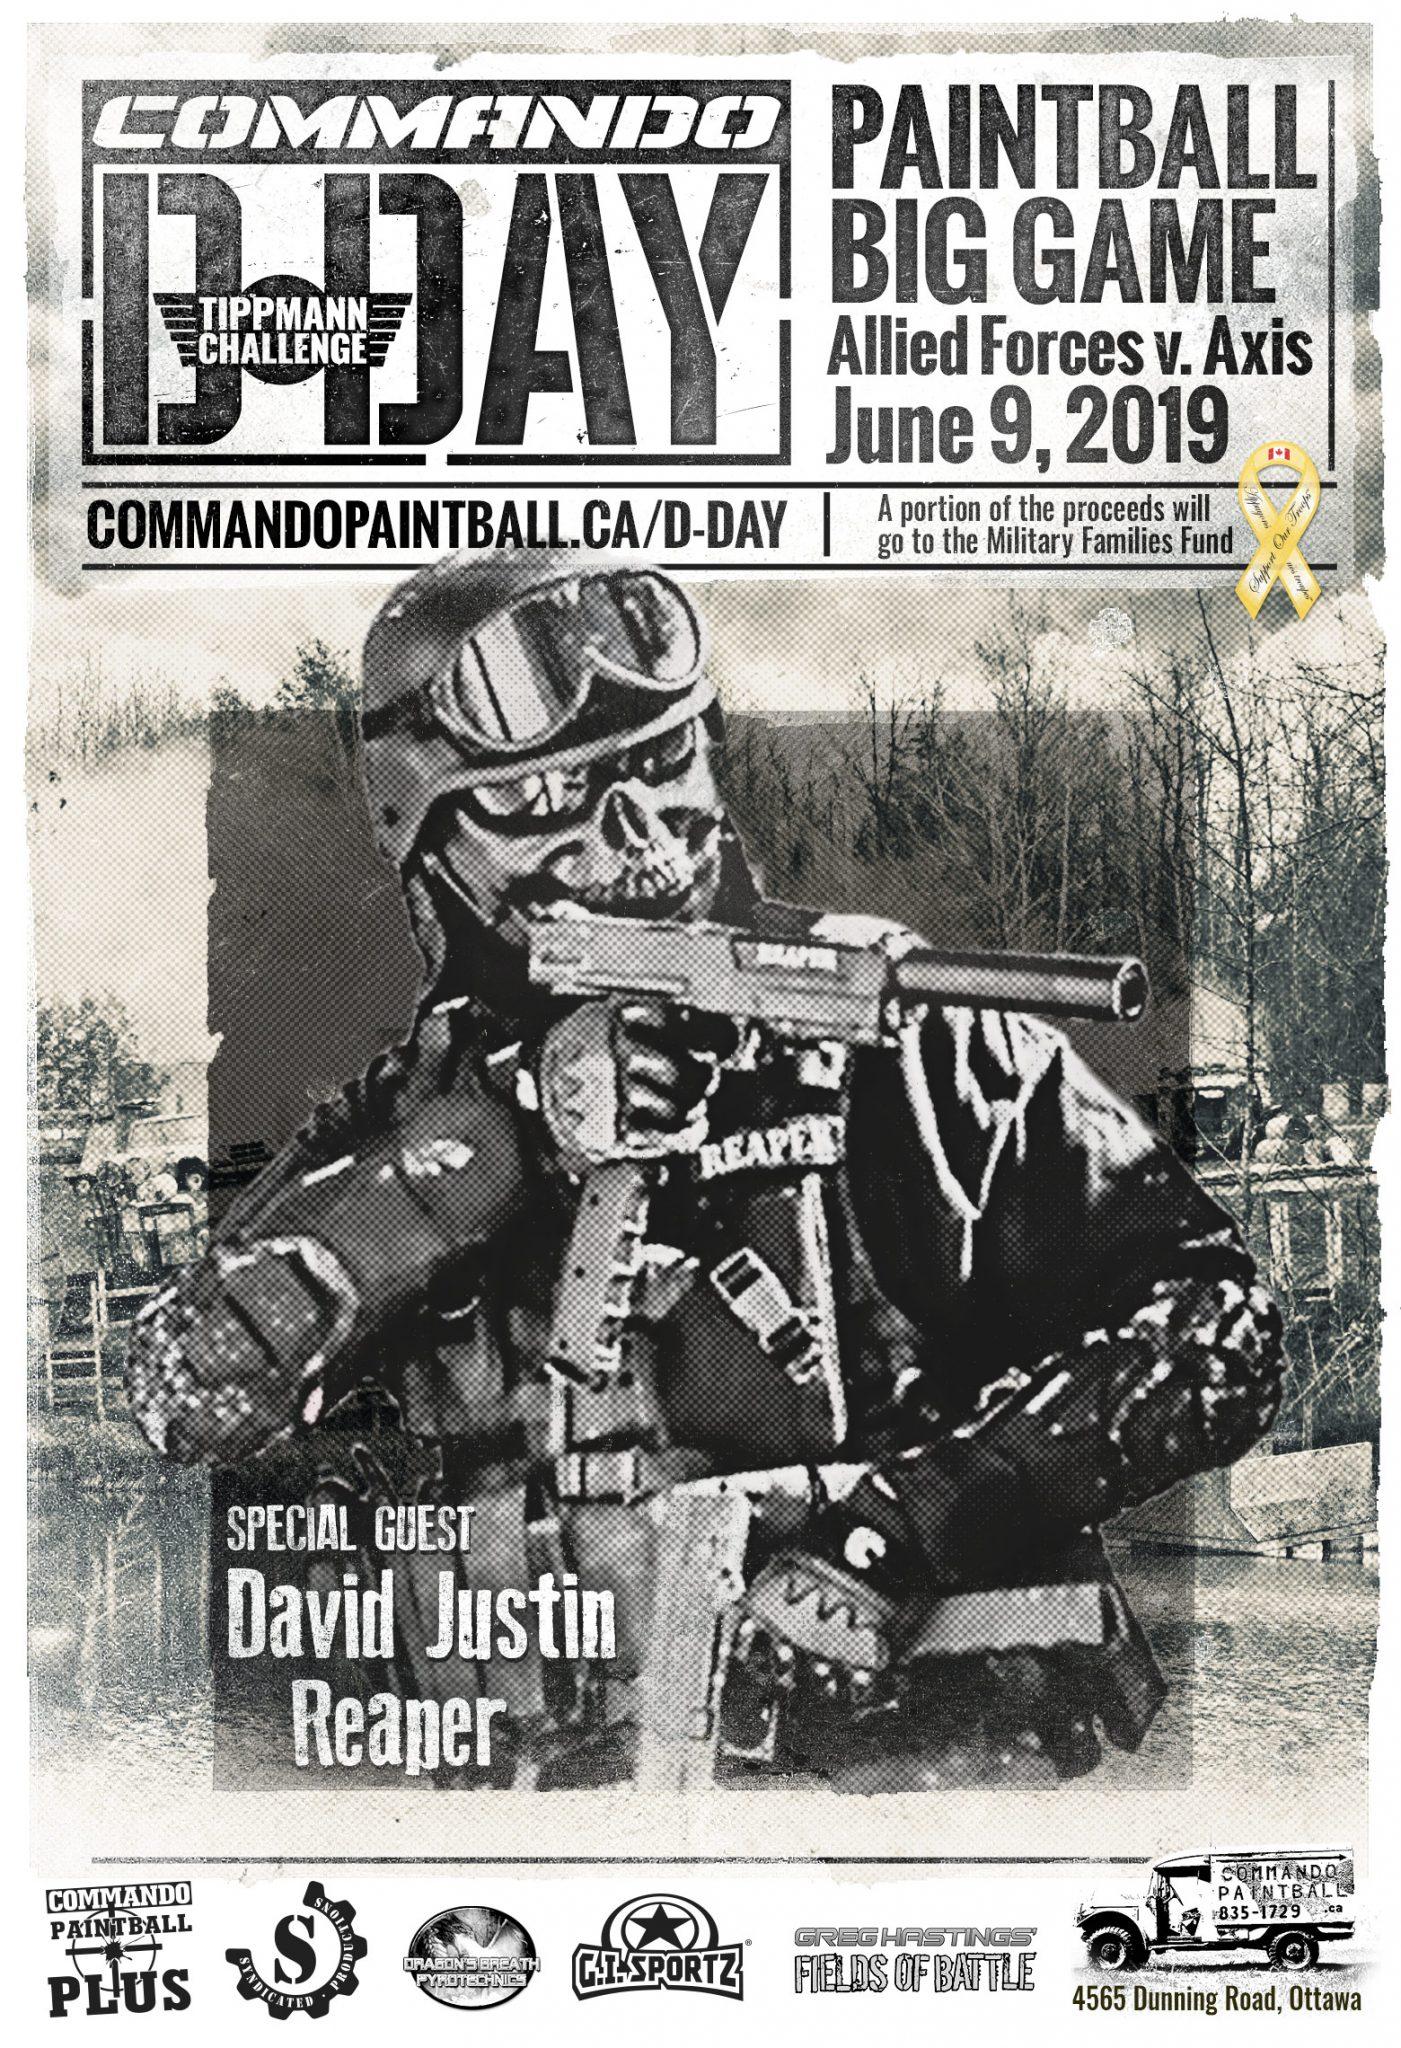 David Justin Reaper